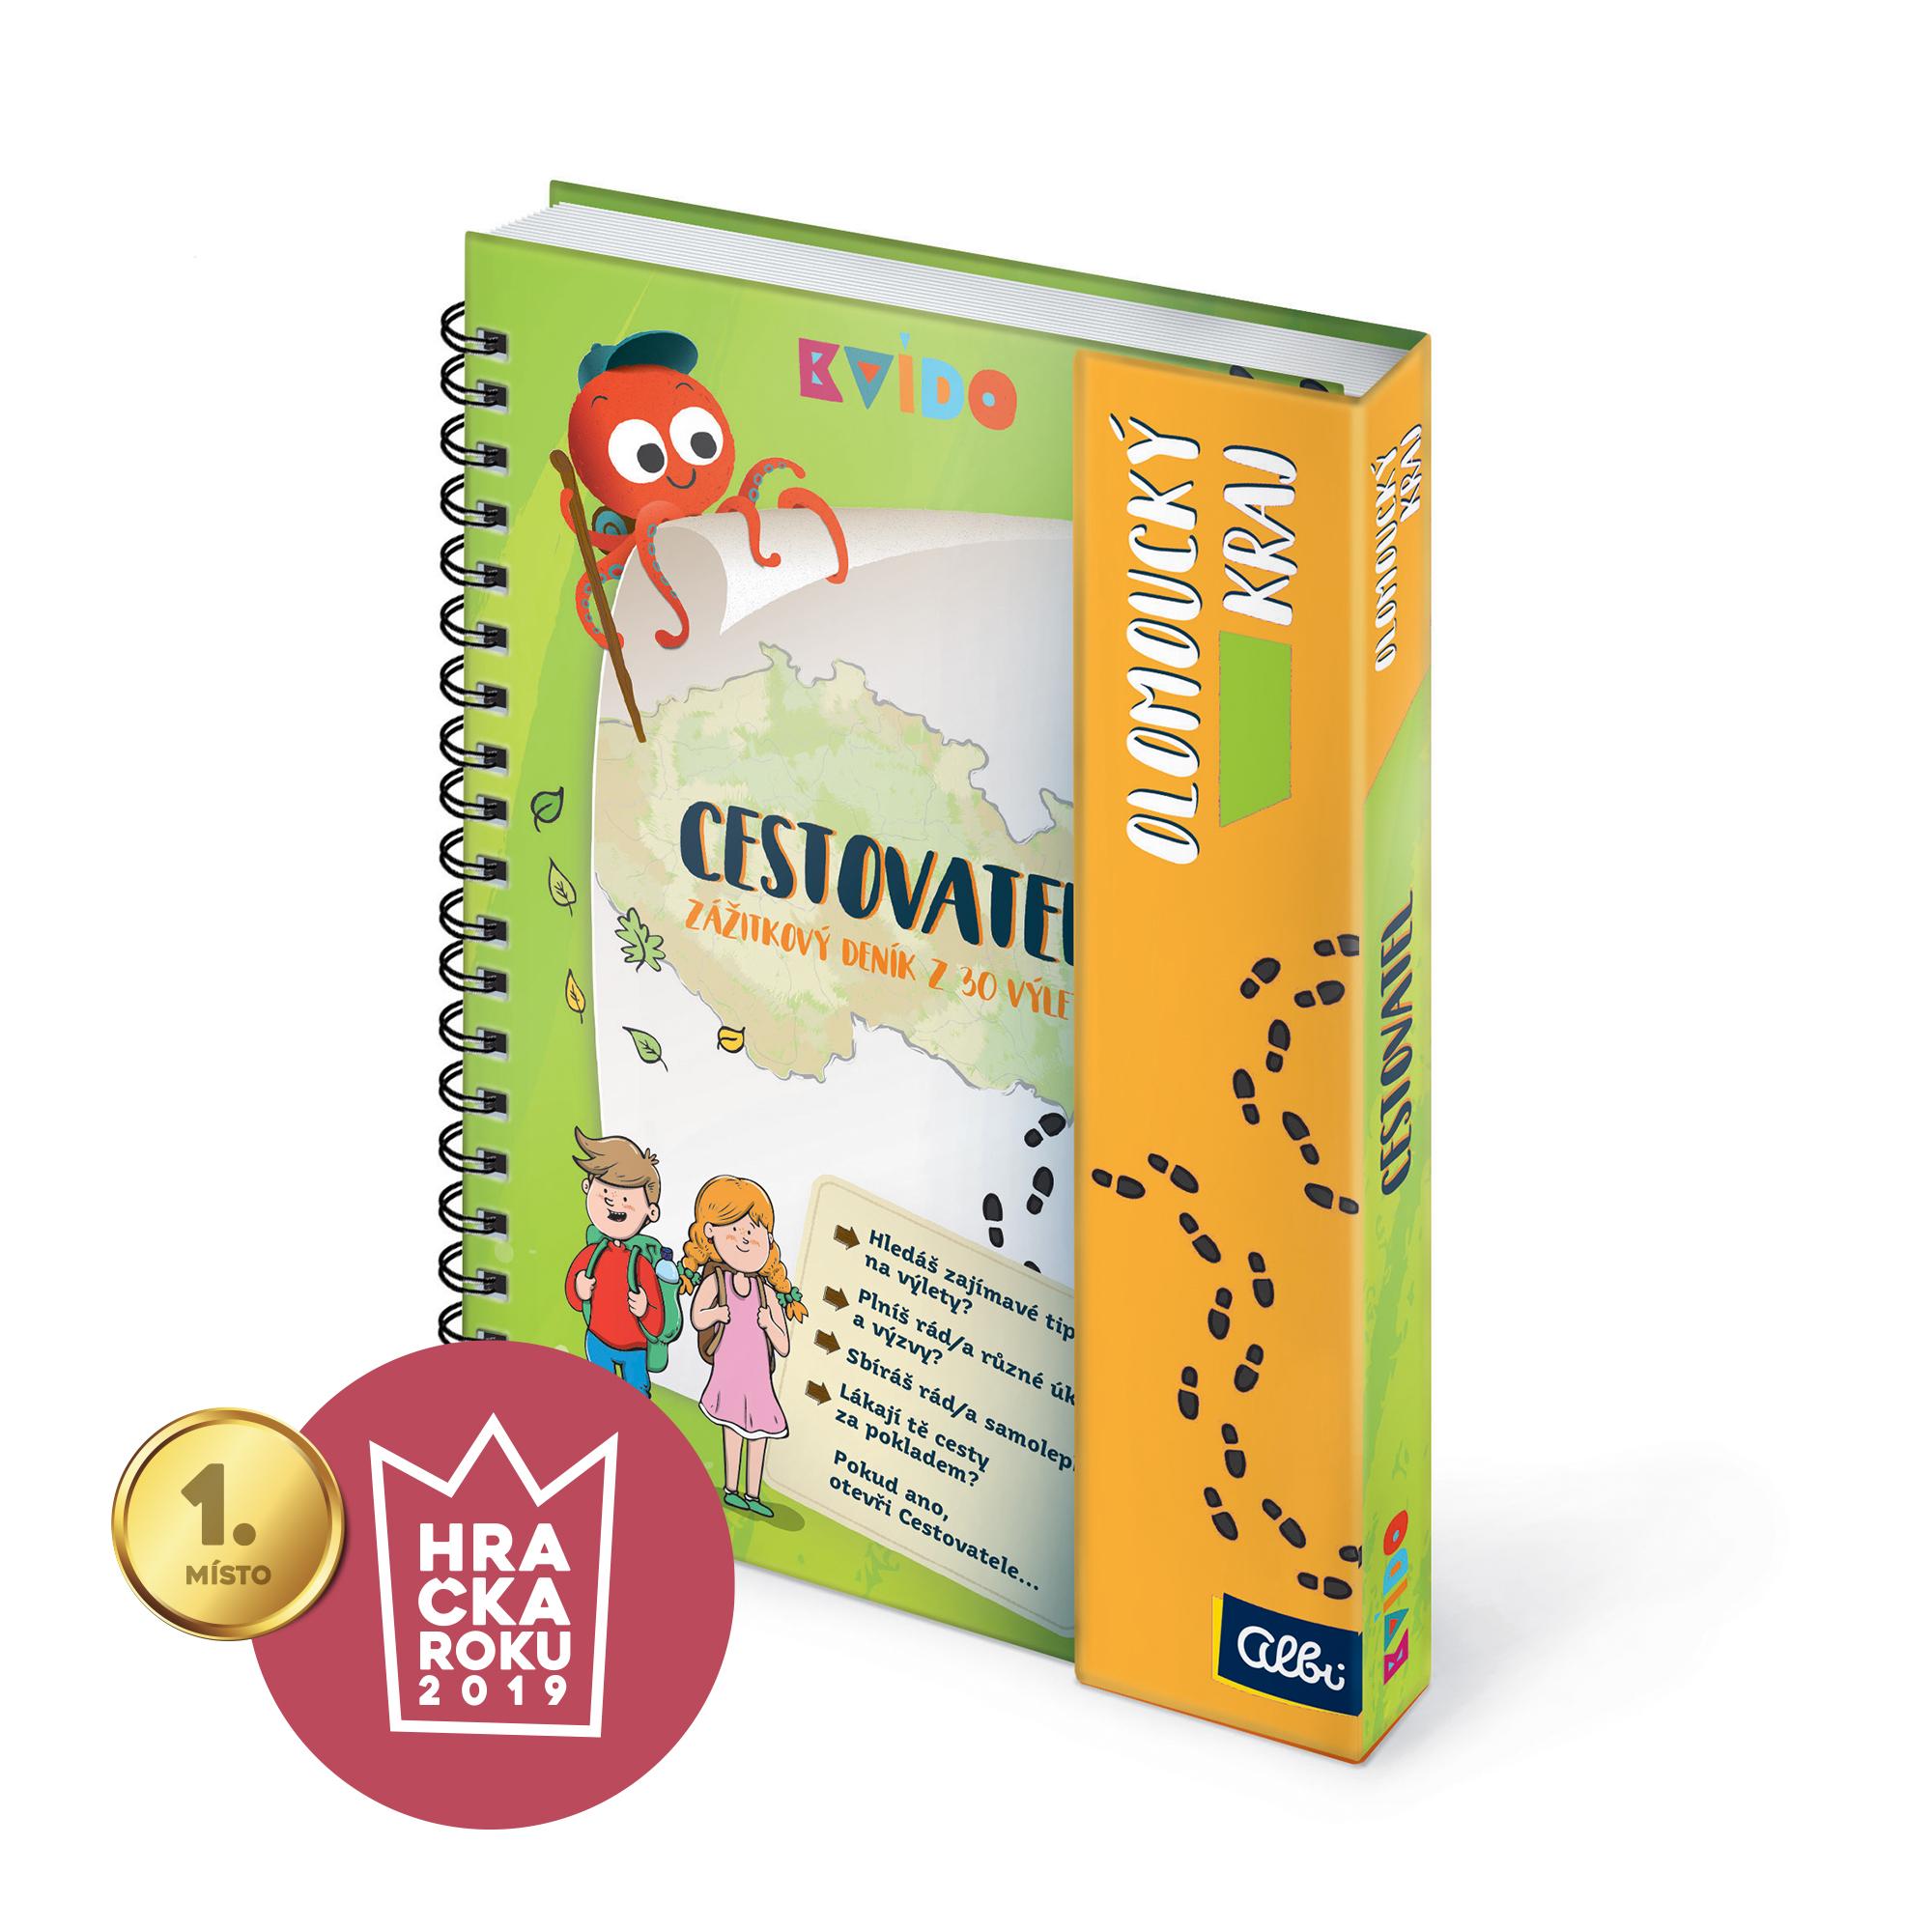 Zážitkové deníky - Kvído - Olomoucký zážitkový deník